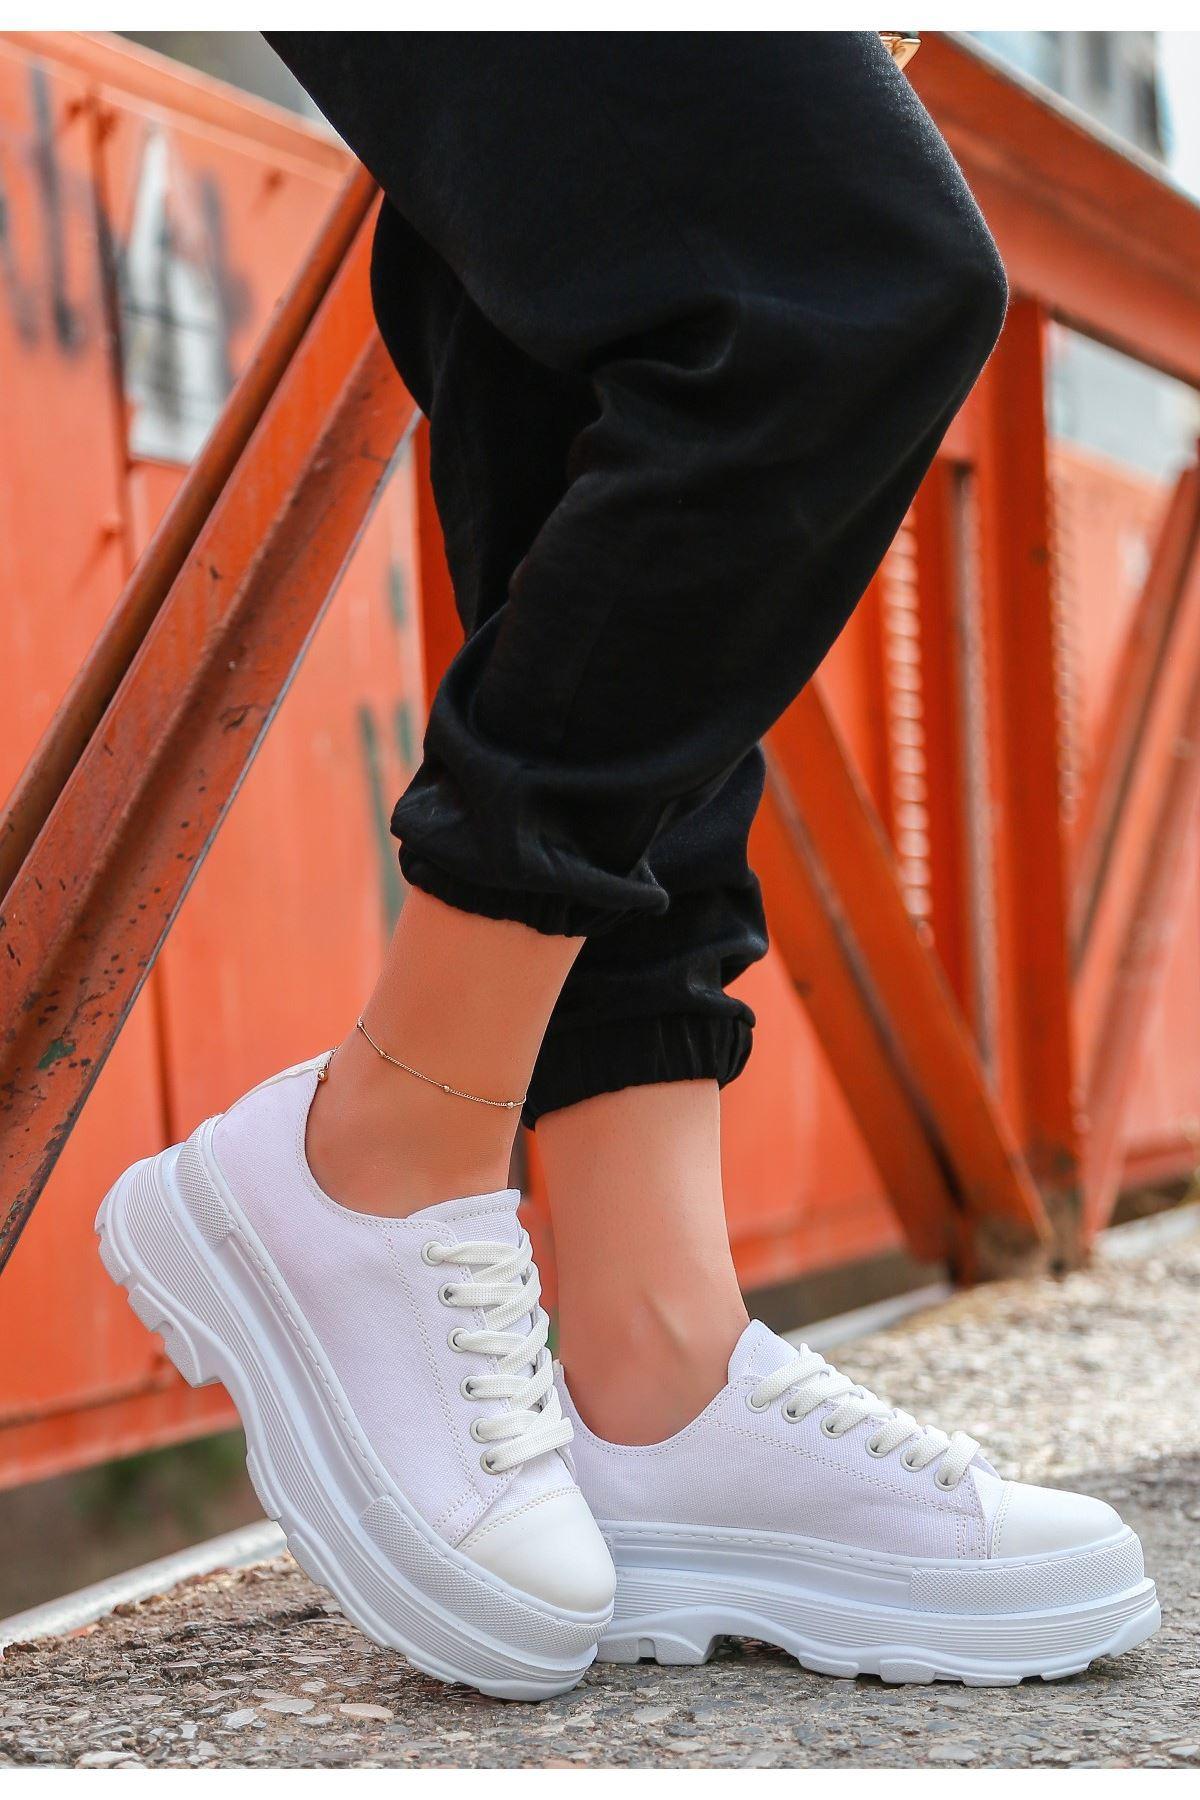 Bery Beyaz Keten Bağcıklı Spor Ayakkabı